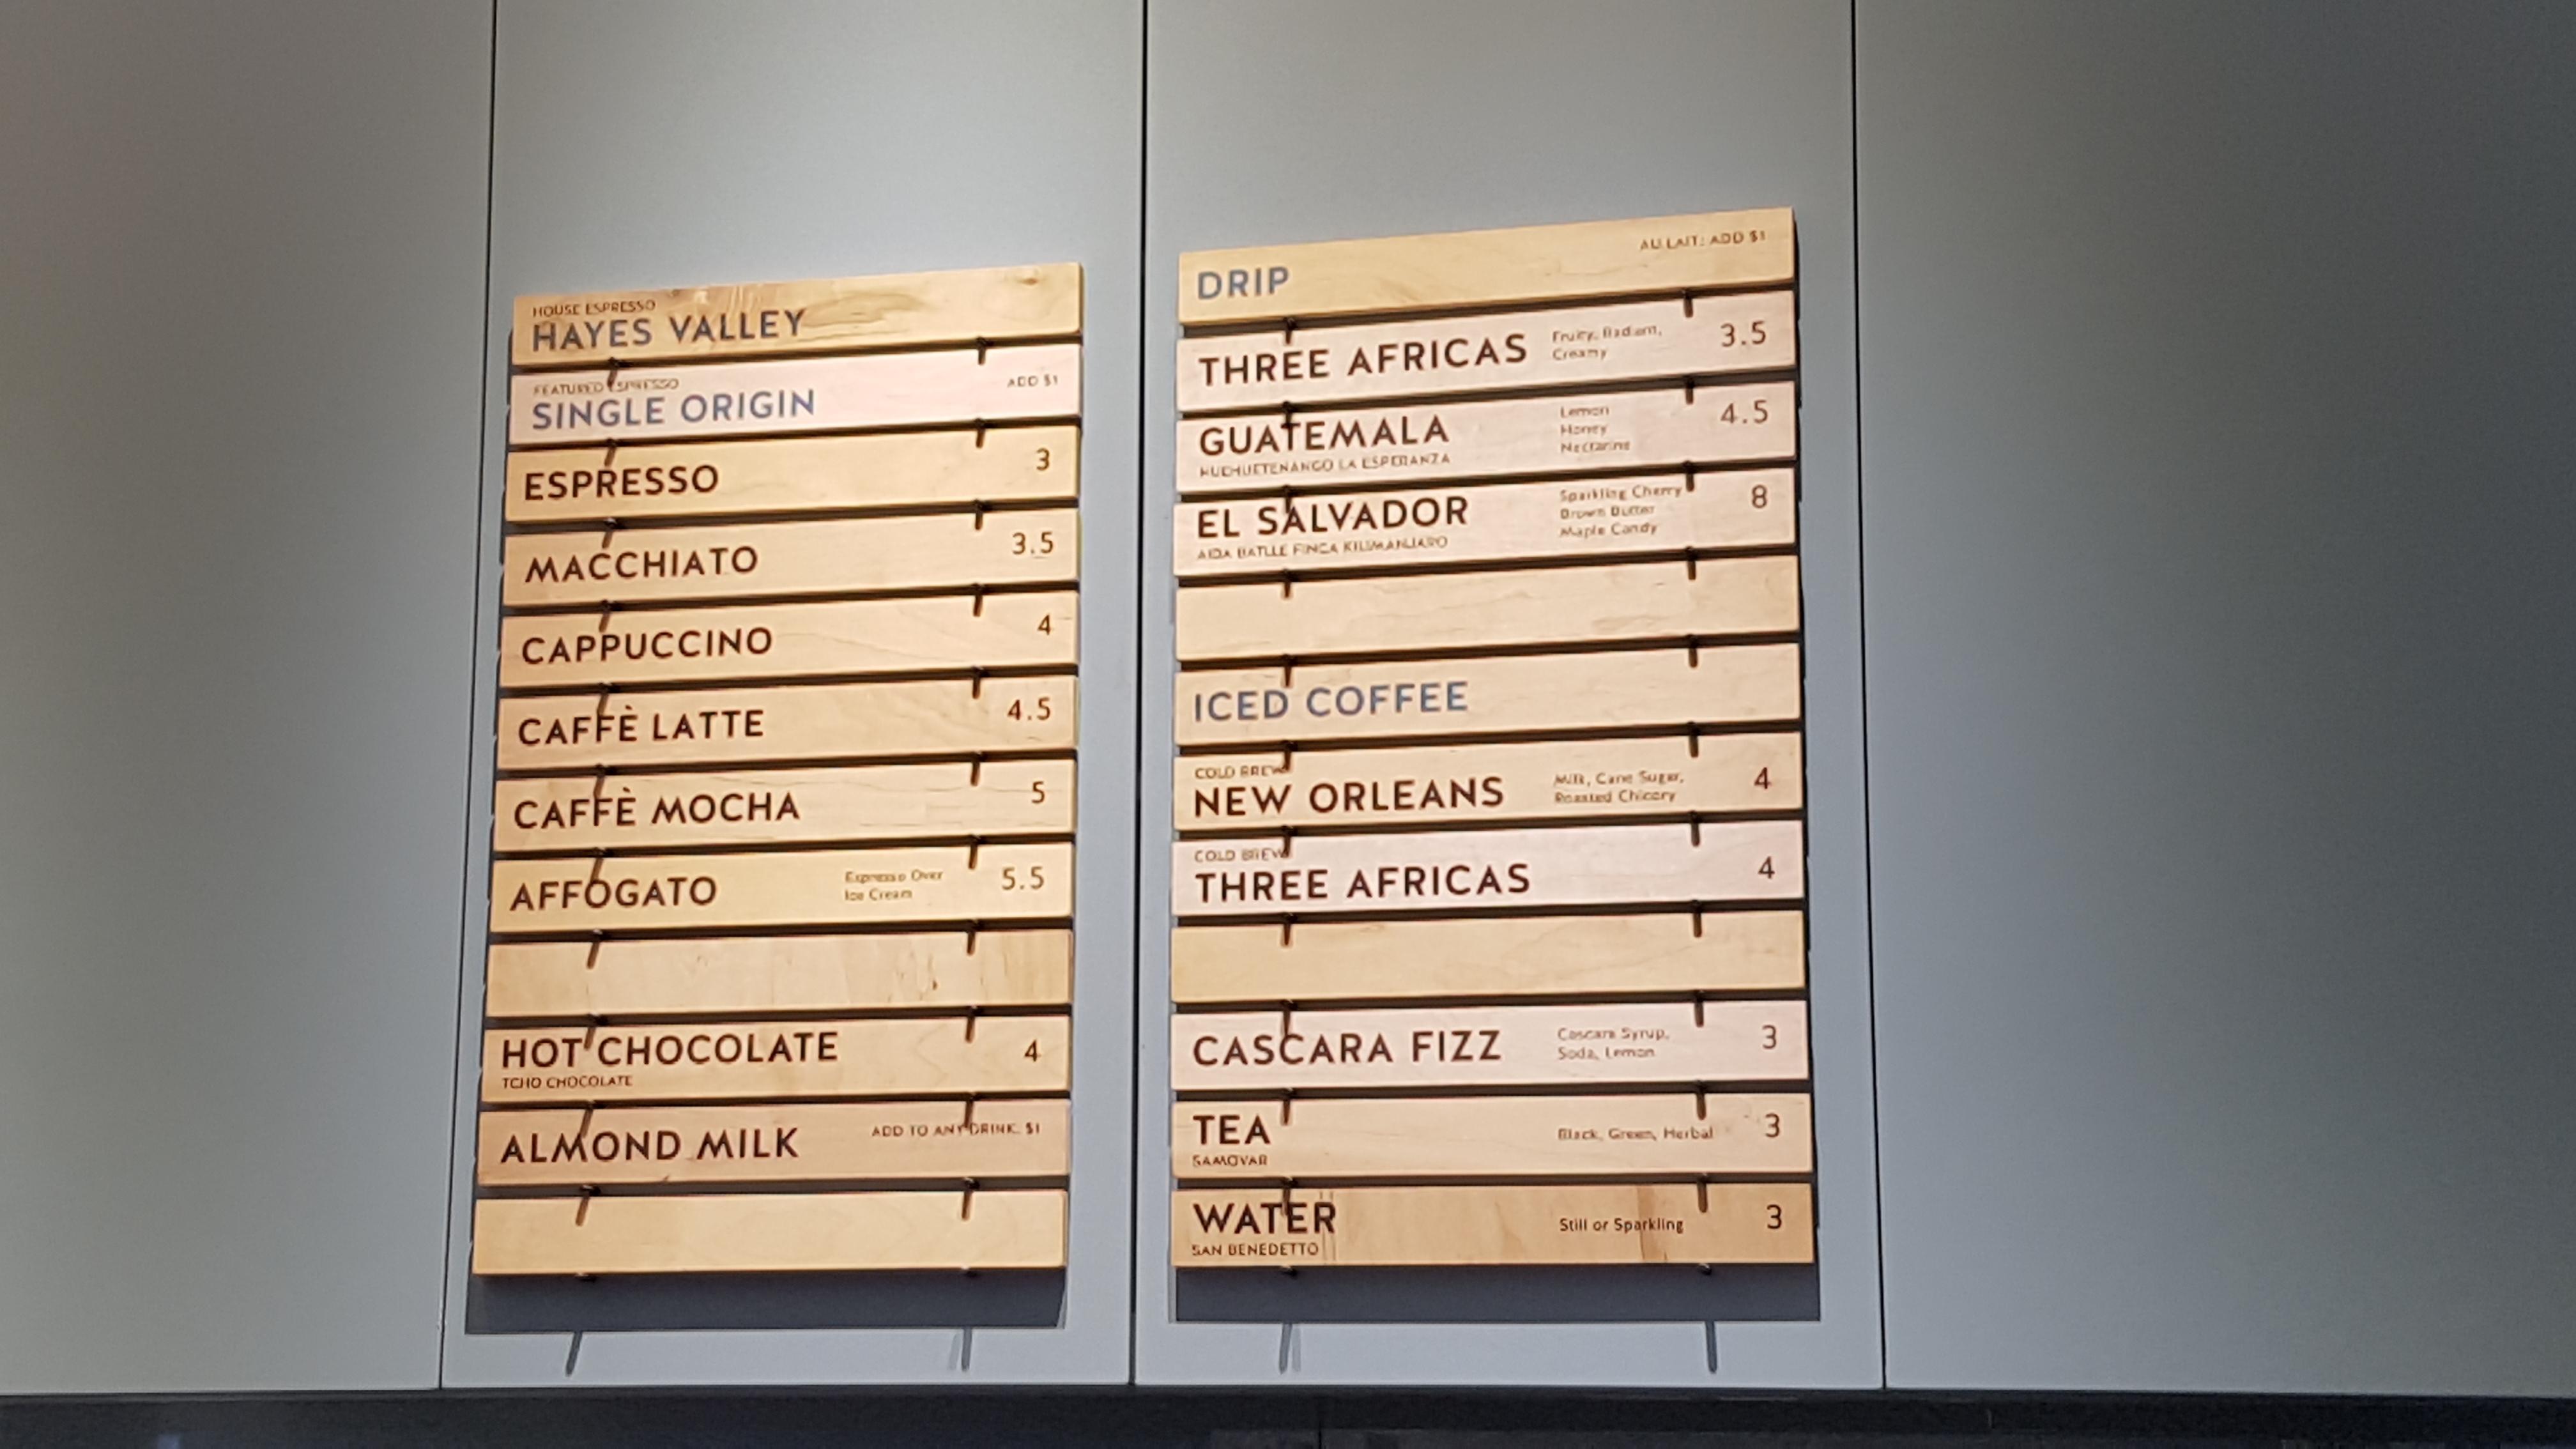 3 아프리카, bay bridge, blue bottle, Creamy, cruity, drip coffee, Ferry Building, Guatemala, three africas, [샌프란시스코] 페리빌딩( Ferry Building ) 과 커피 맛집 블루보틀( Blue Bottle ), 각종 상점, 갈매기, 과일향, 과테말라, 관광 명소, 까페, 날씨, 대기시간, 드립 커피, 드립커피, 맛, 미녀 매니저, 바다, 바다 전경, 베이 브리지, 베이 브릿지, 베이브릿지, 블루 보틀, 샌프란, 쇼핑, 시계탑, 식료품점, 쓰리 아프리카, 야자수, 일, 진리, 진짜별, 추천, 출장, 커알못, 커피, 커피 맛, 커피샵, 케이블카, 크리미, 파란색 병, 페리 빌딩, 햇살, 향긋함, 호텔